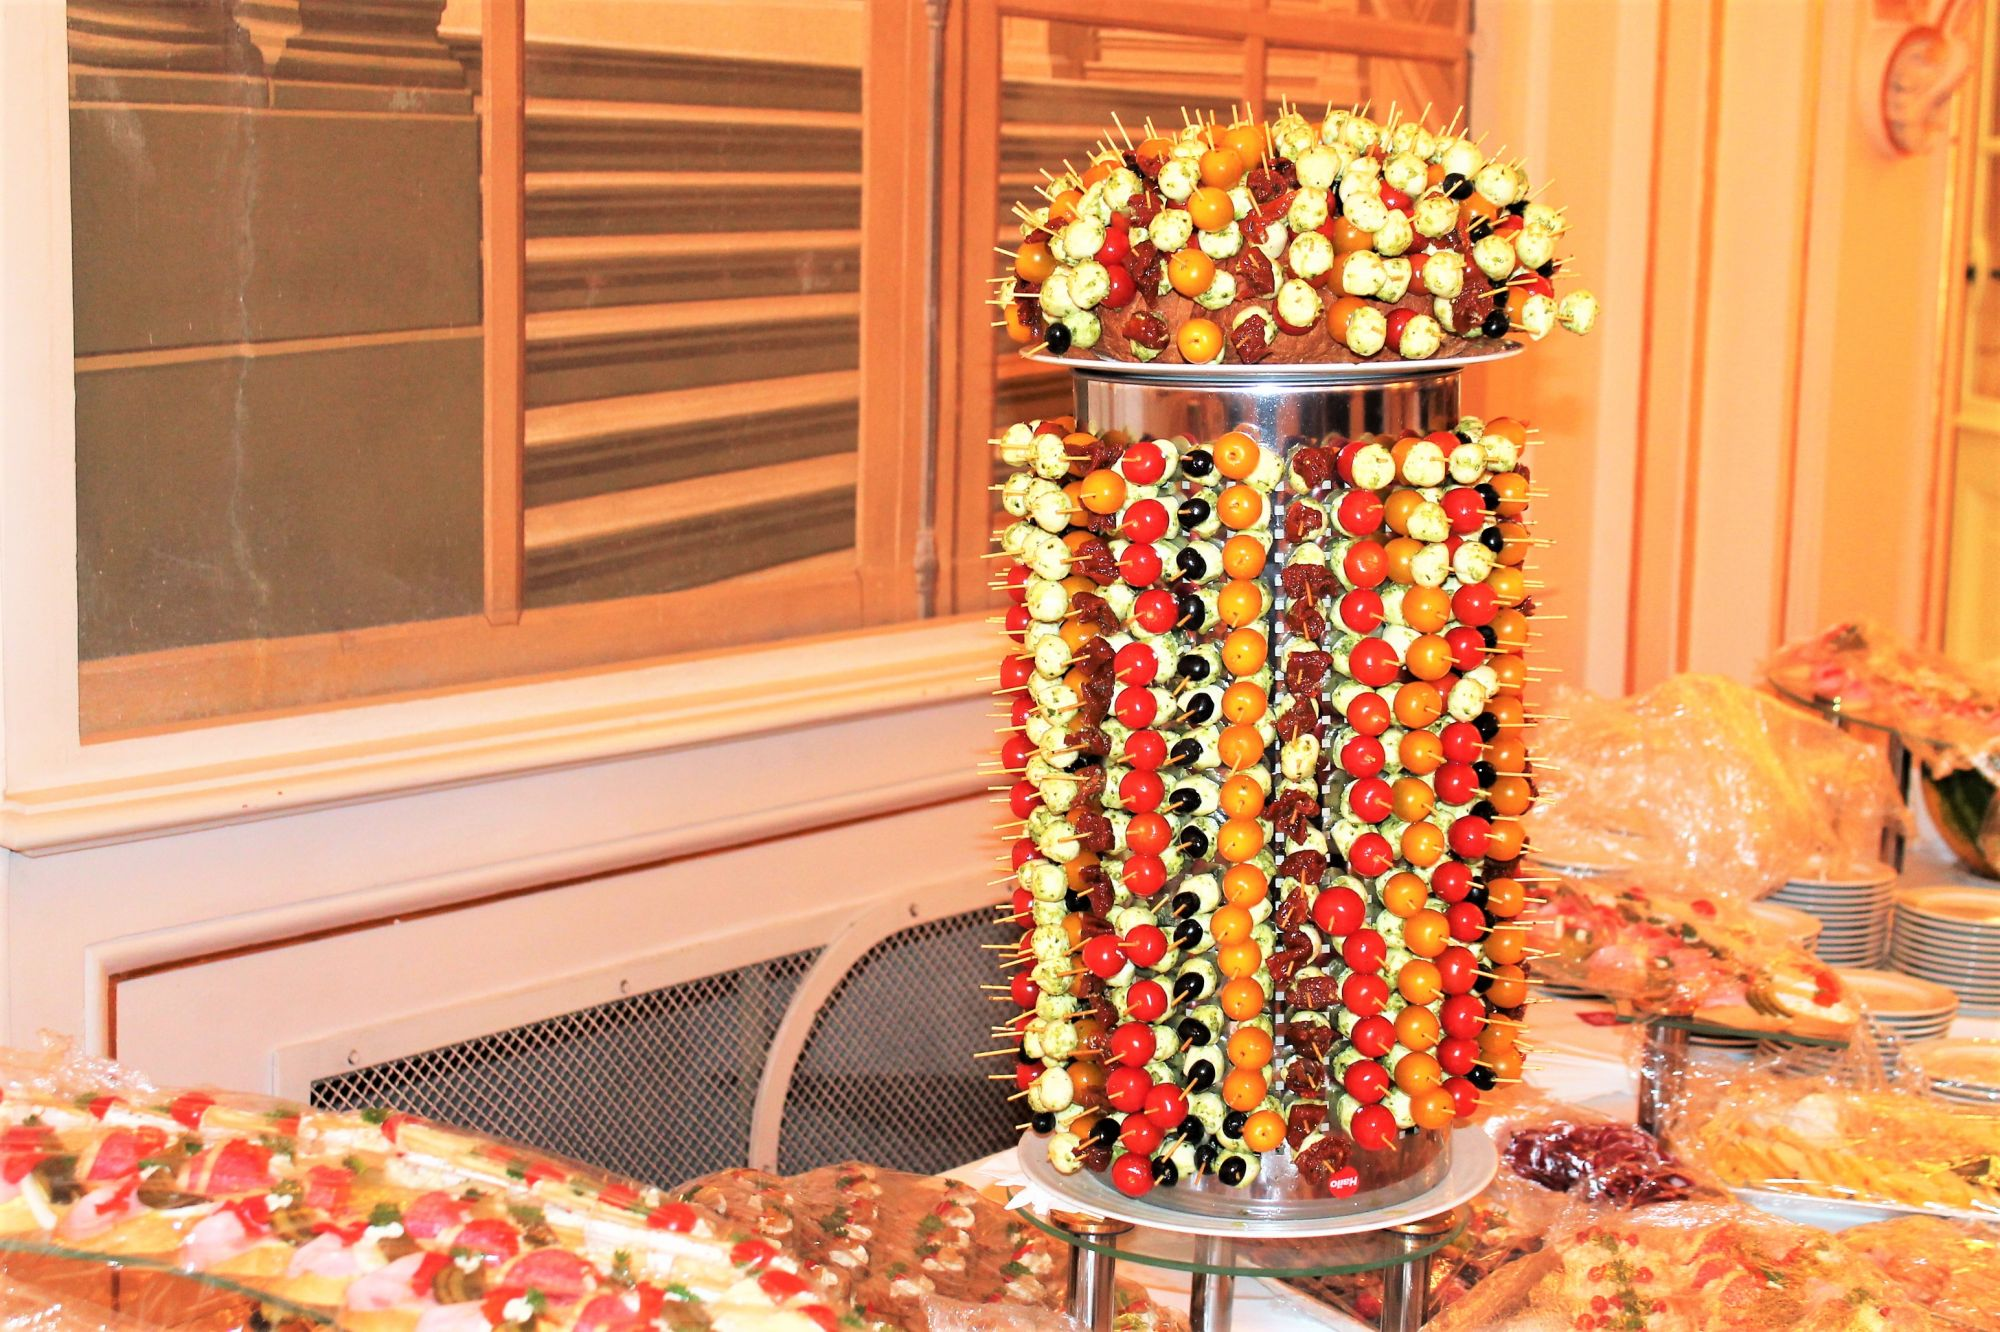 Výročí 100 let republiky jsme oslavili na Hradě